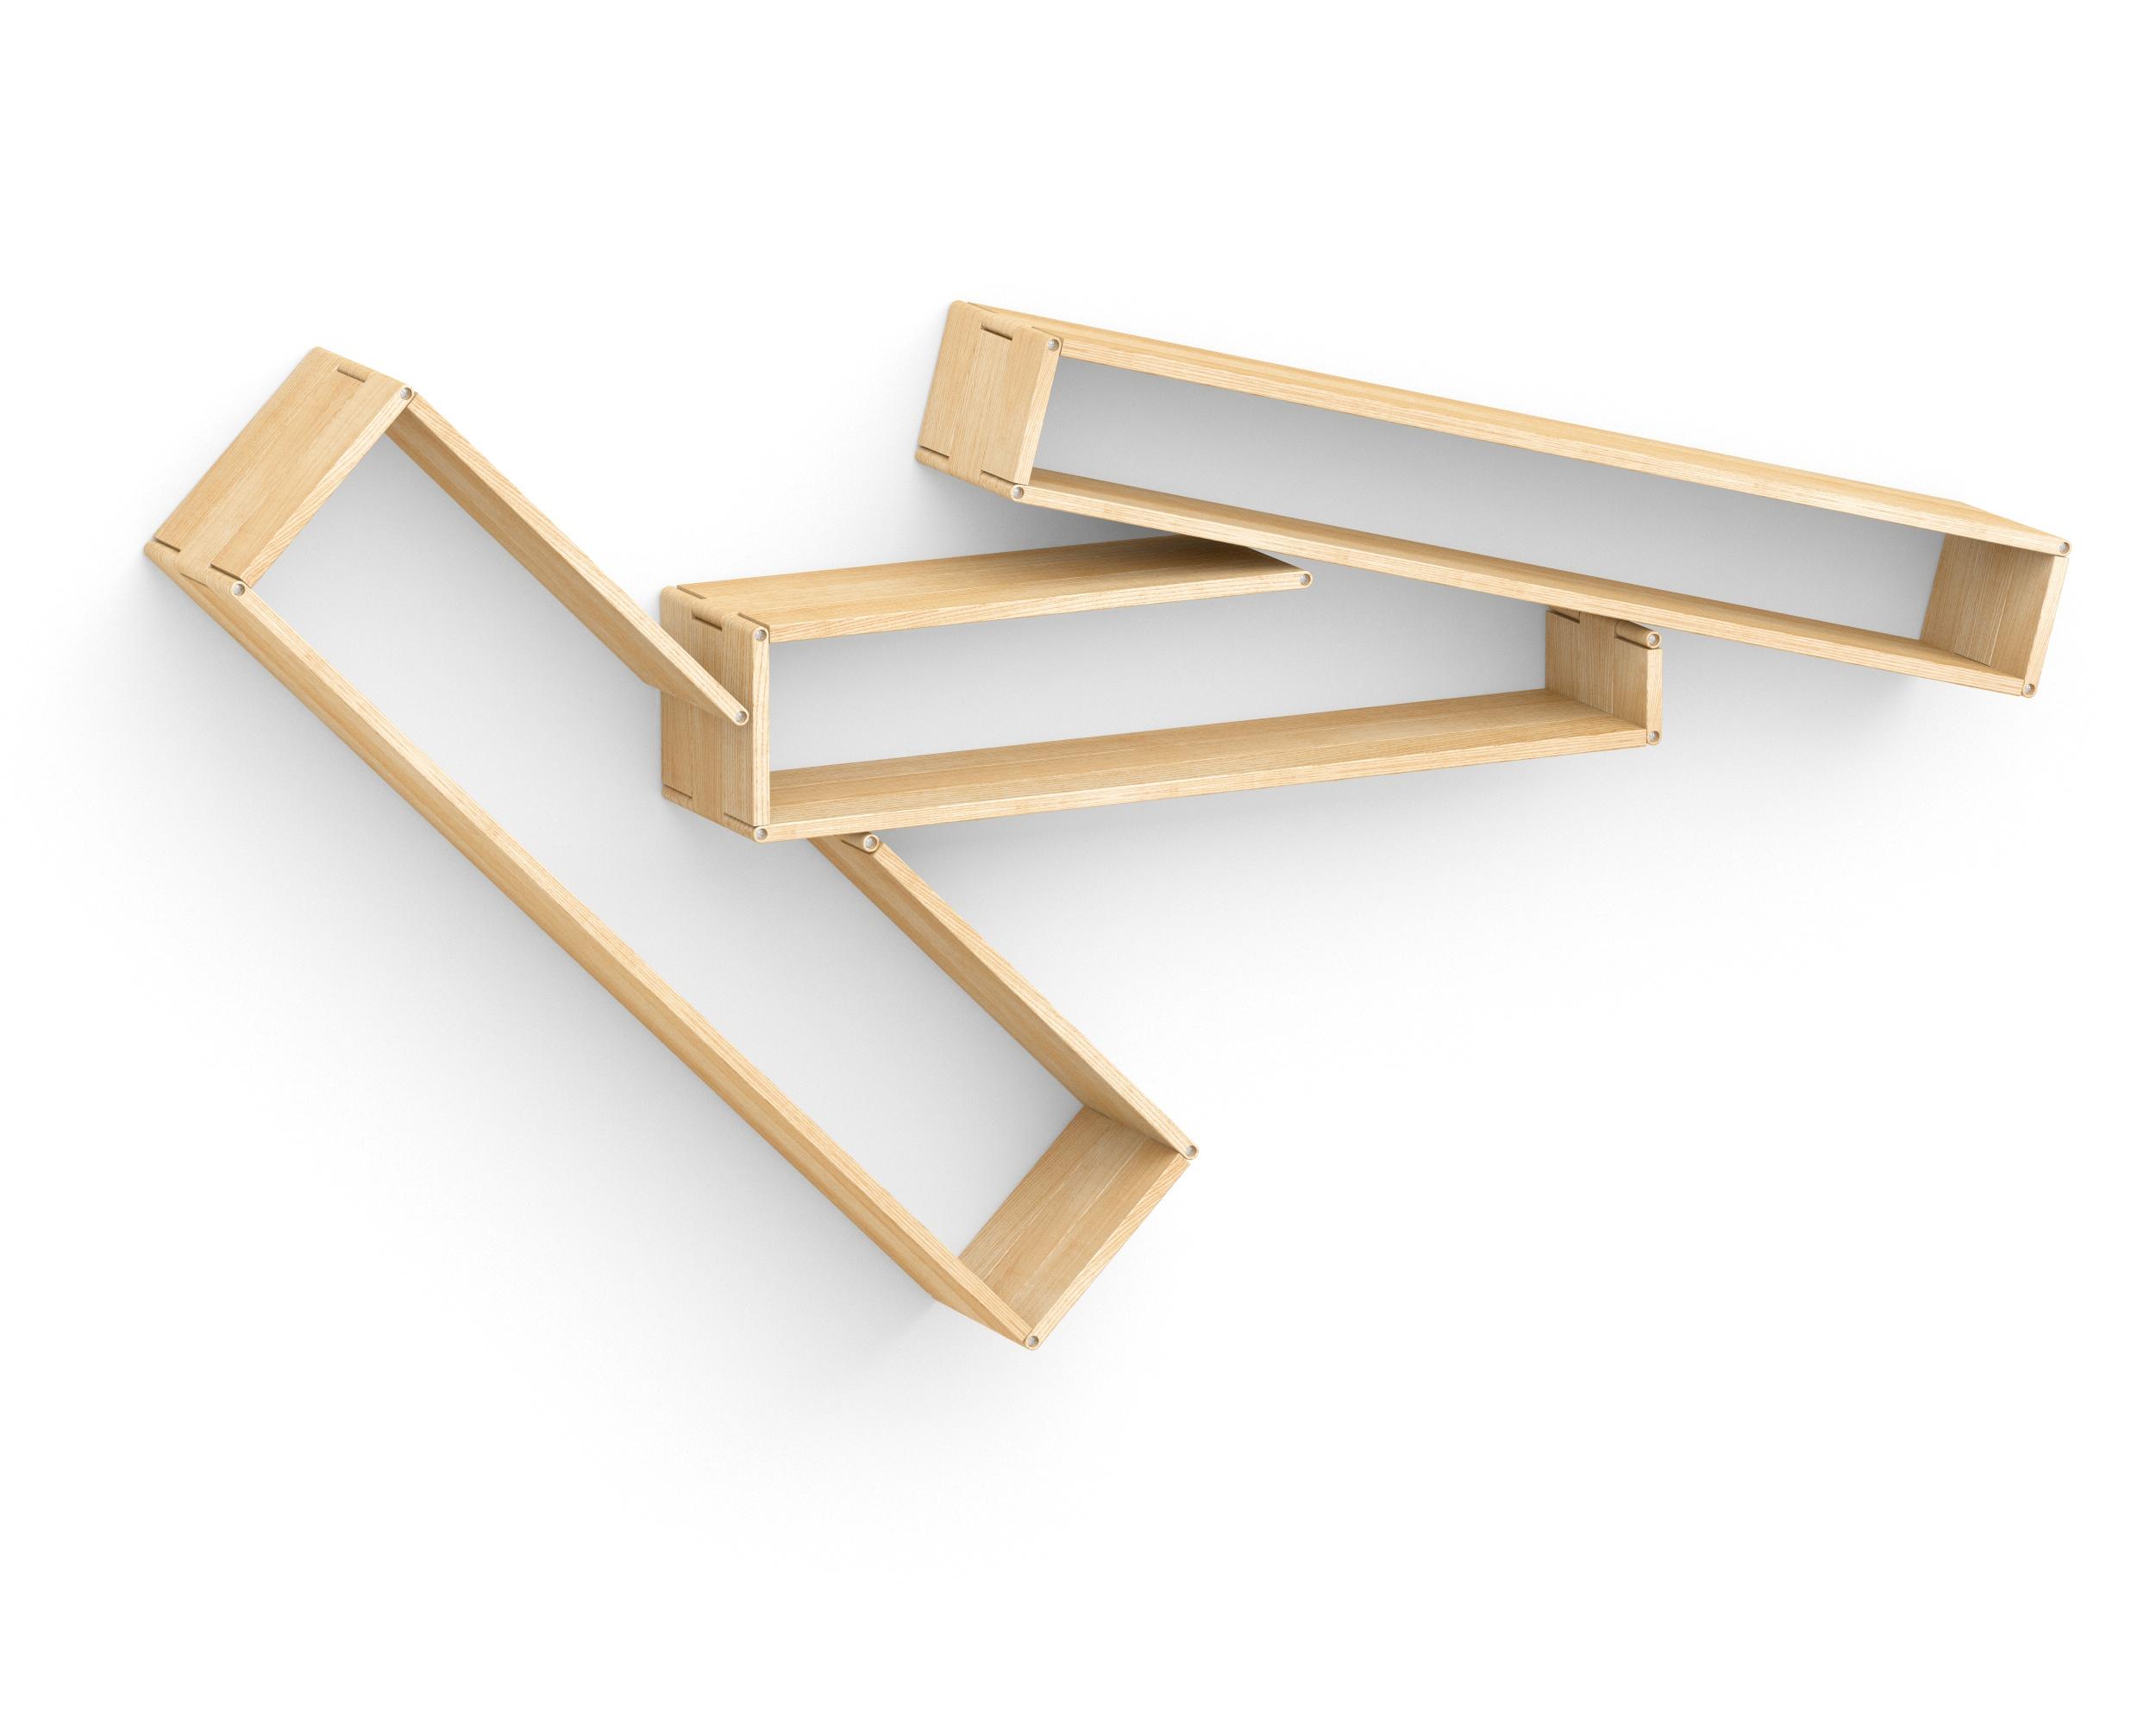 Полка-конструктор LATITUDE Flex Shelf set 172Полки<br>Творческий беспорядок теперь удастся создать не только на столе или на полу. С &amp;quot;Latitude Flex Shelf Set 172&amp;quot; его можно будет перенести в новую плоскость ? на стену! Не стоит переживать, что нагромождение хаотично расположенных полок добавит неаккуратность оформлению пространства. Декор, способный принимать самые разные очертания, привнесет в интерьер лишь нетривиальную смелость. С ним современные интерьеры буквально оживут и станут более интересными.<br><br>Material: Ясень<br>Width см: 210<br>Depth см: 22<br>Height см: 96